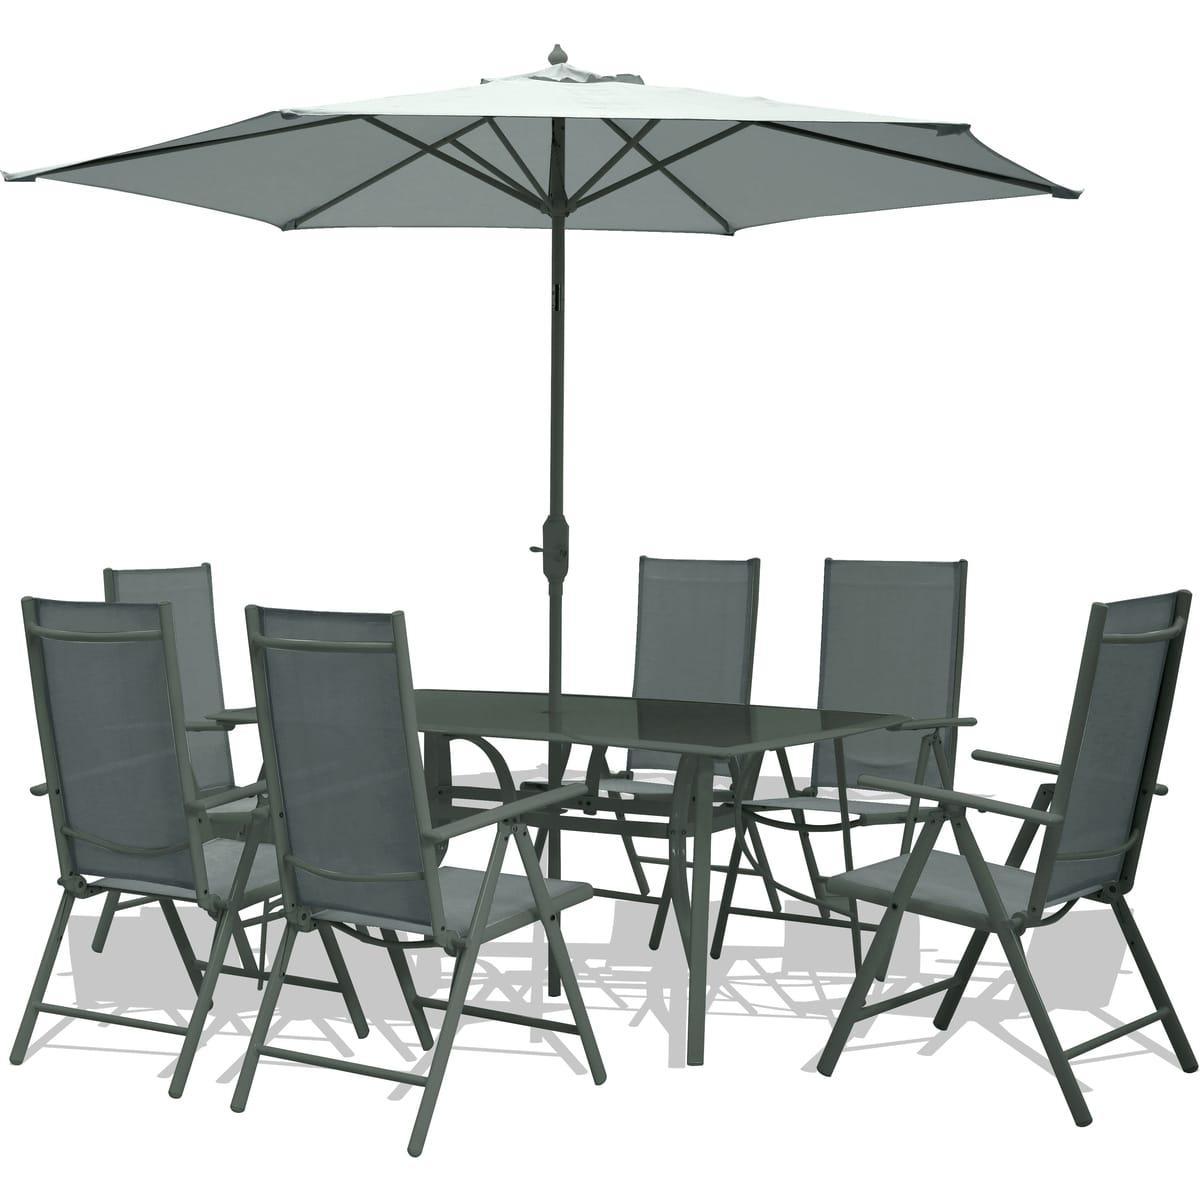 salon de jardin family table 6 chaises parasol. Black Bedroom Furniture Sets. Home Design Ideas